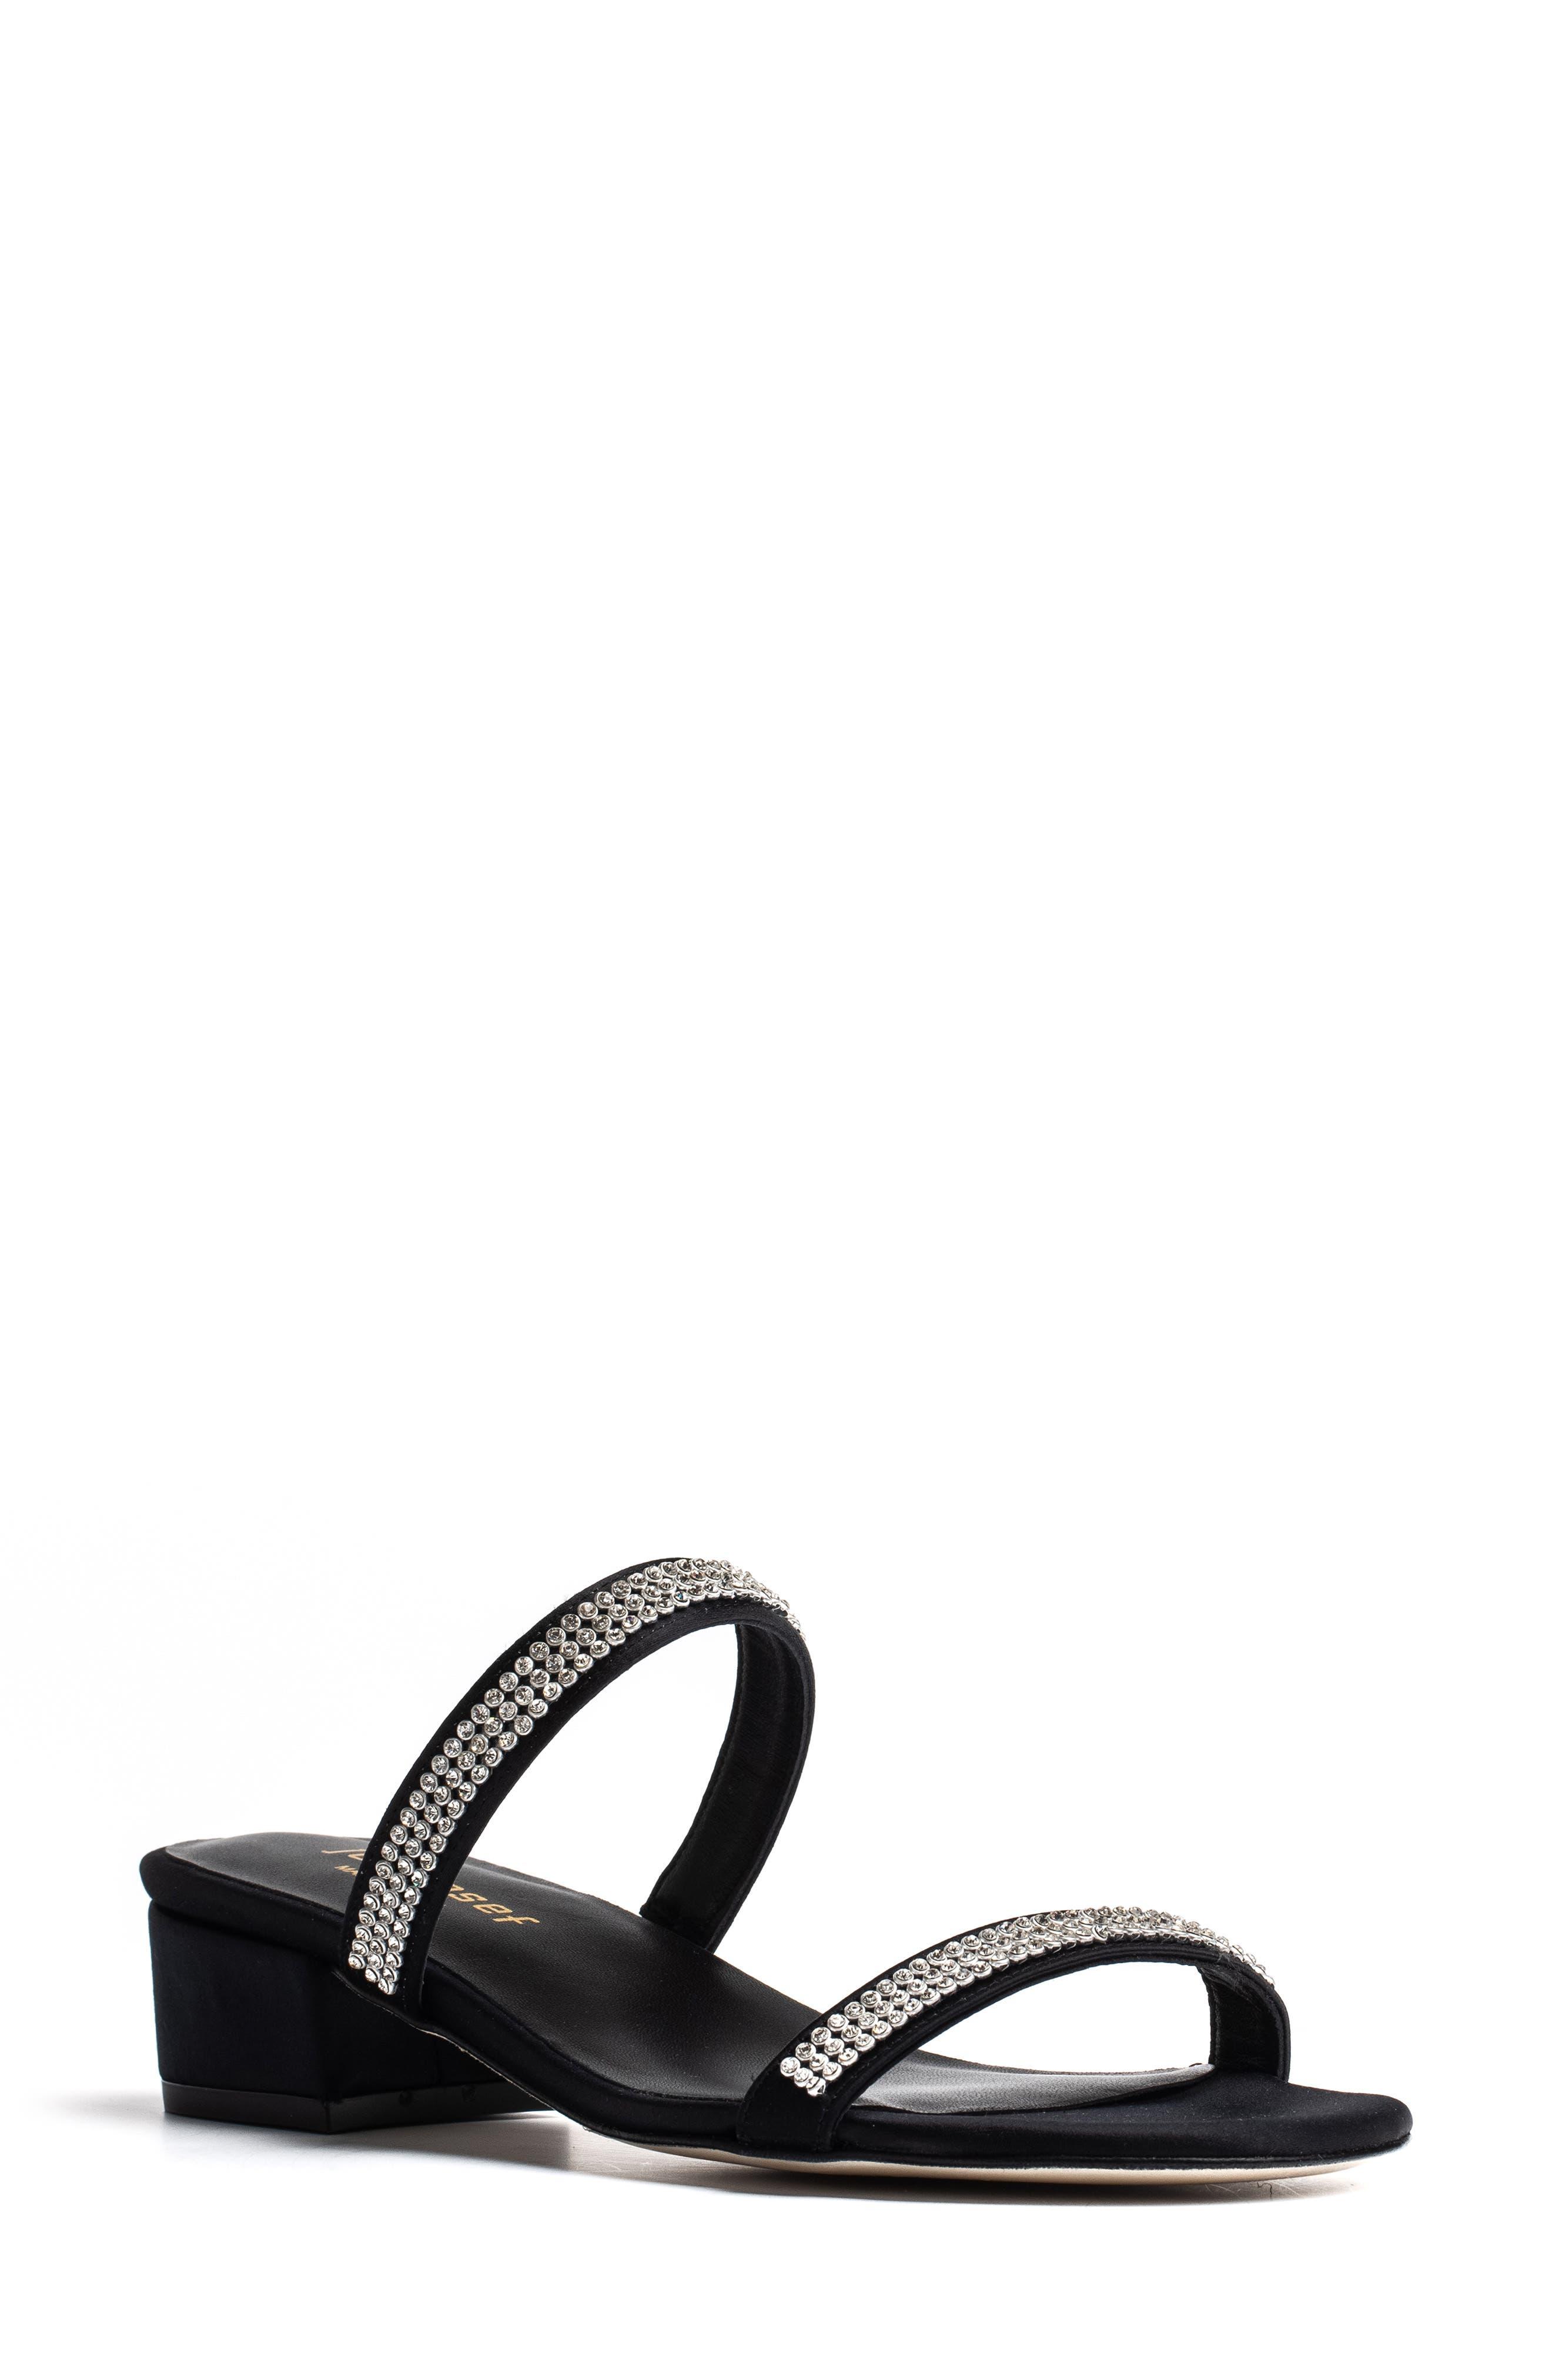 Suarca Rhinestone Embellished Sandal